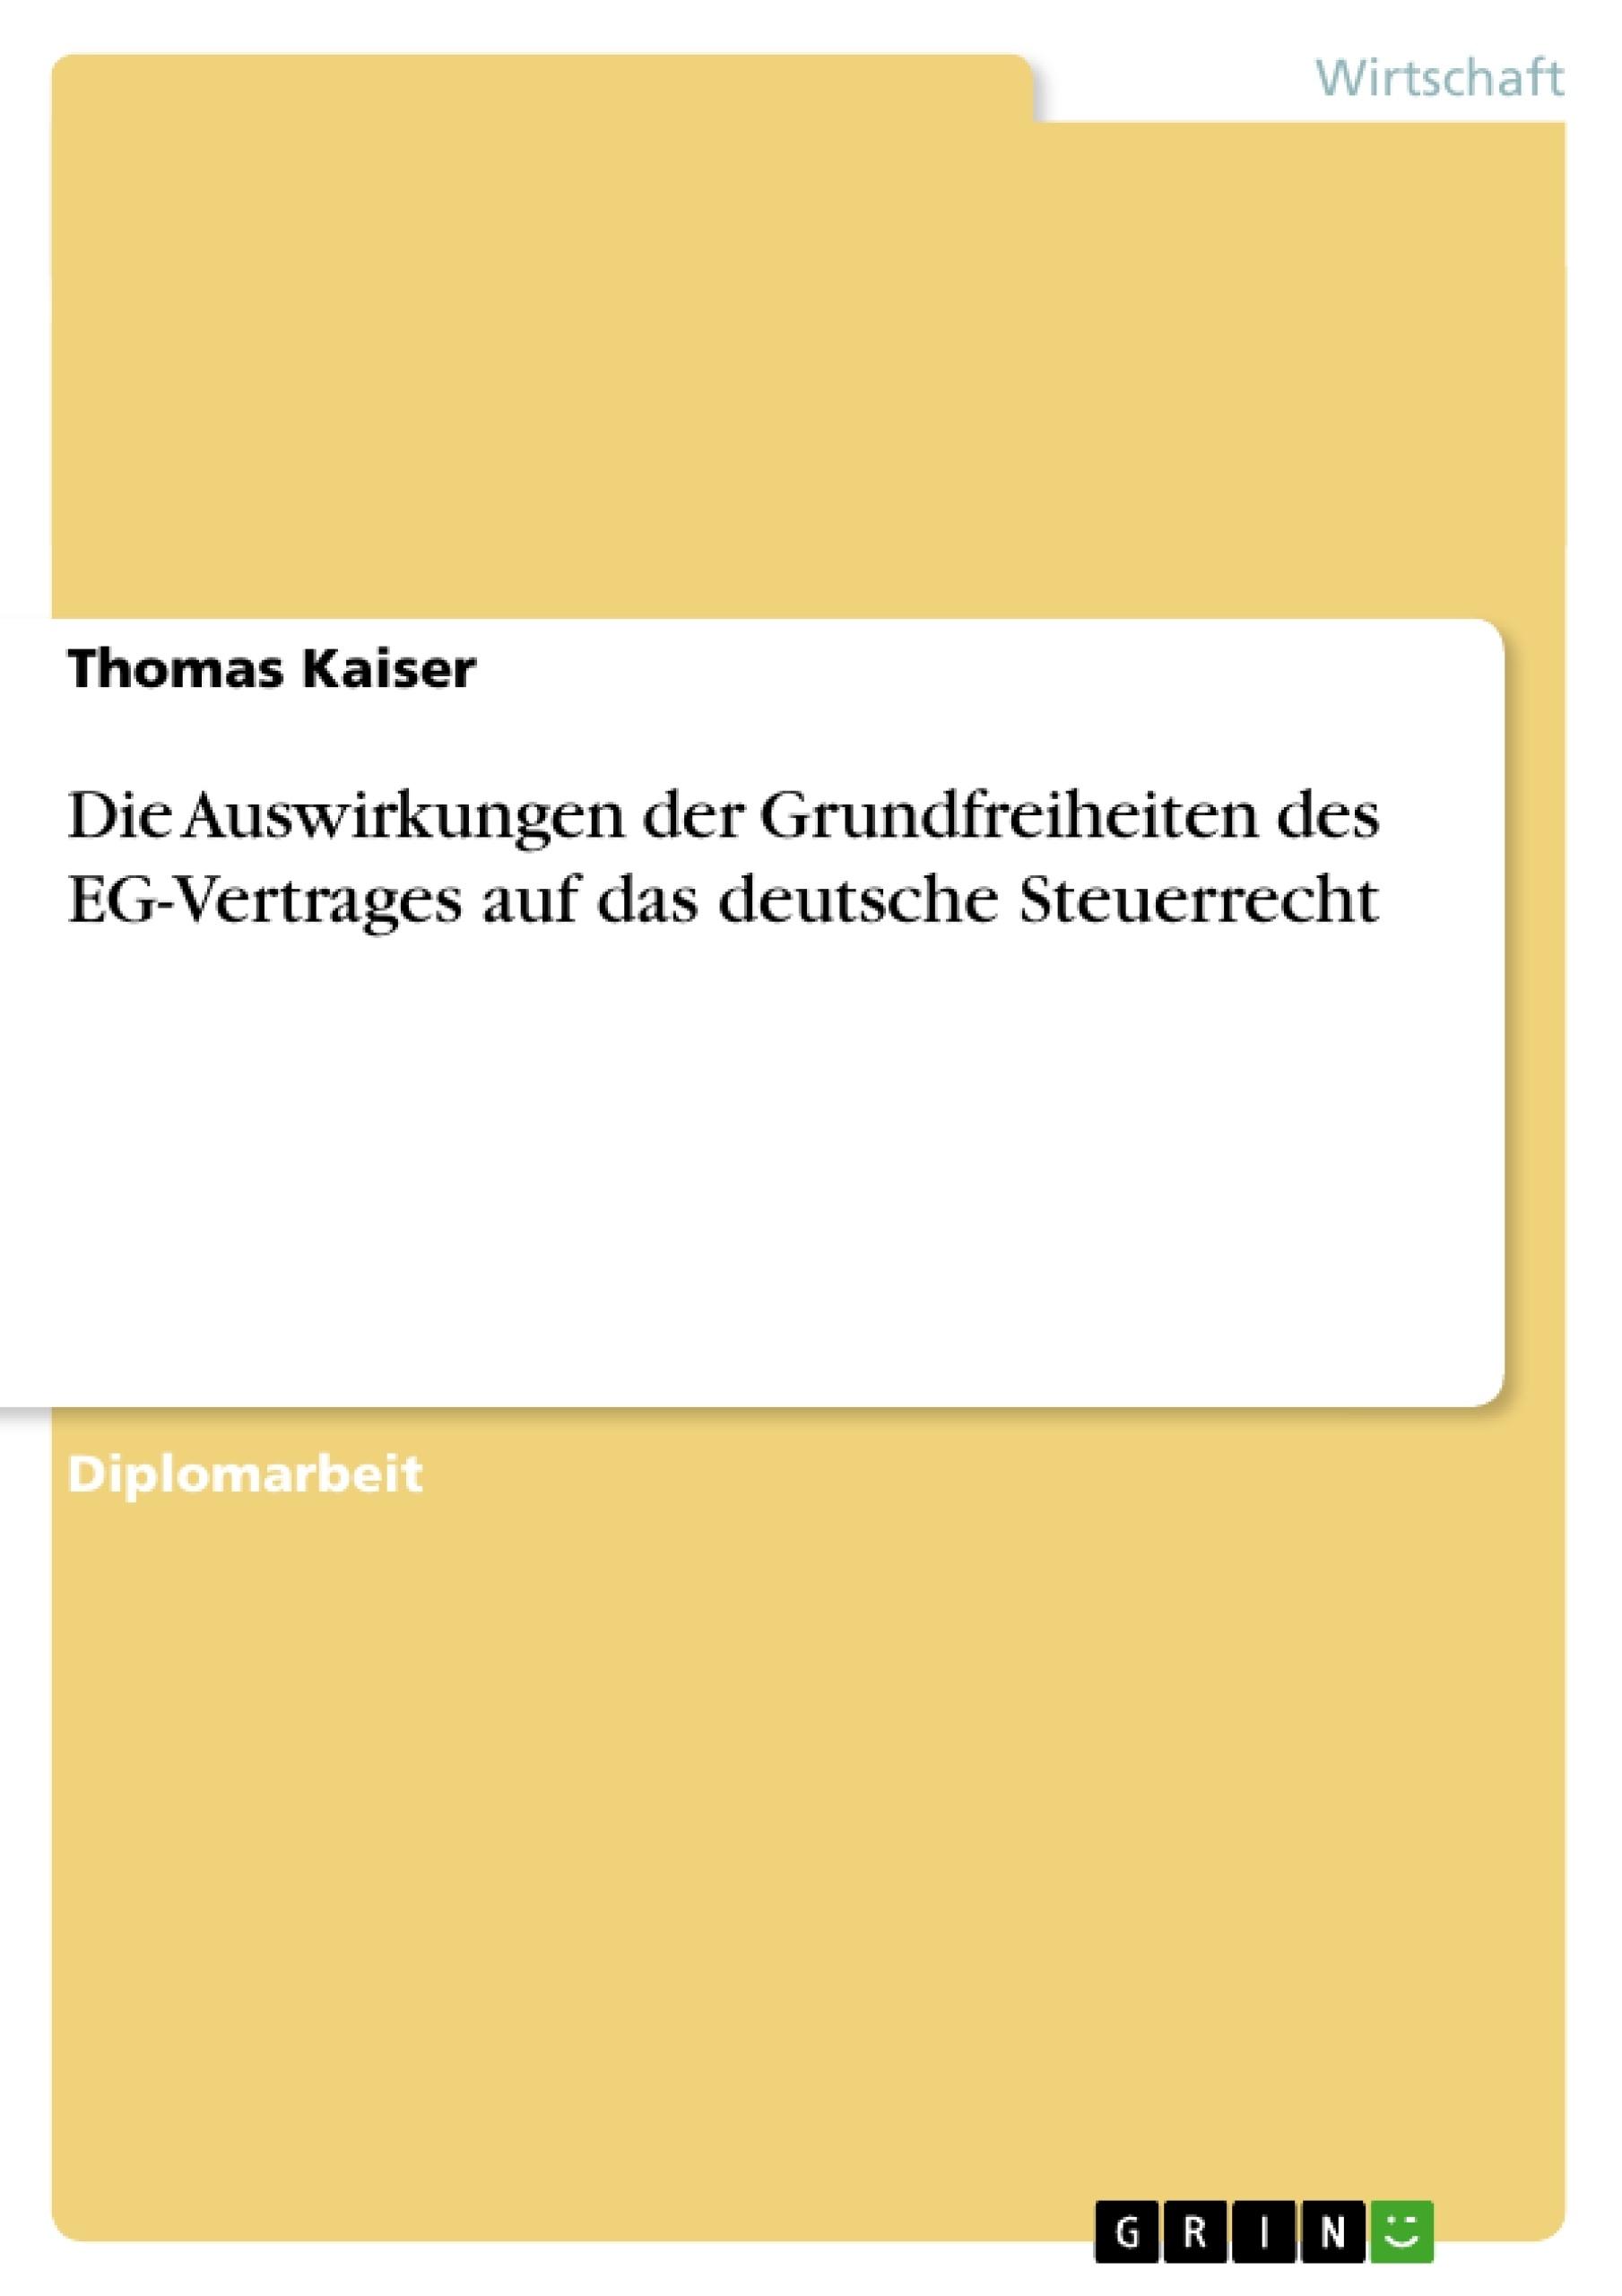 Titel: Die Auswirkungen der Grundfreiheiten des EG-Vertrages auf das deutsche Steuerrecht